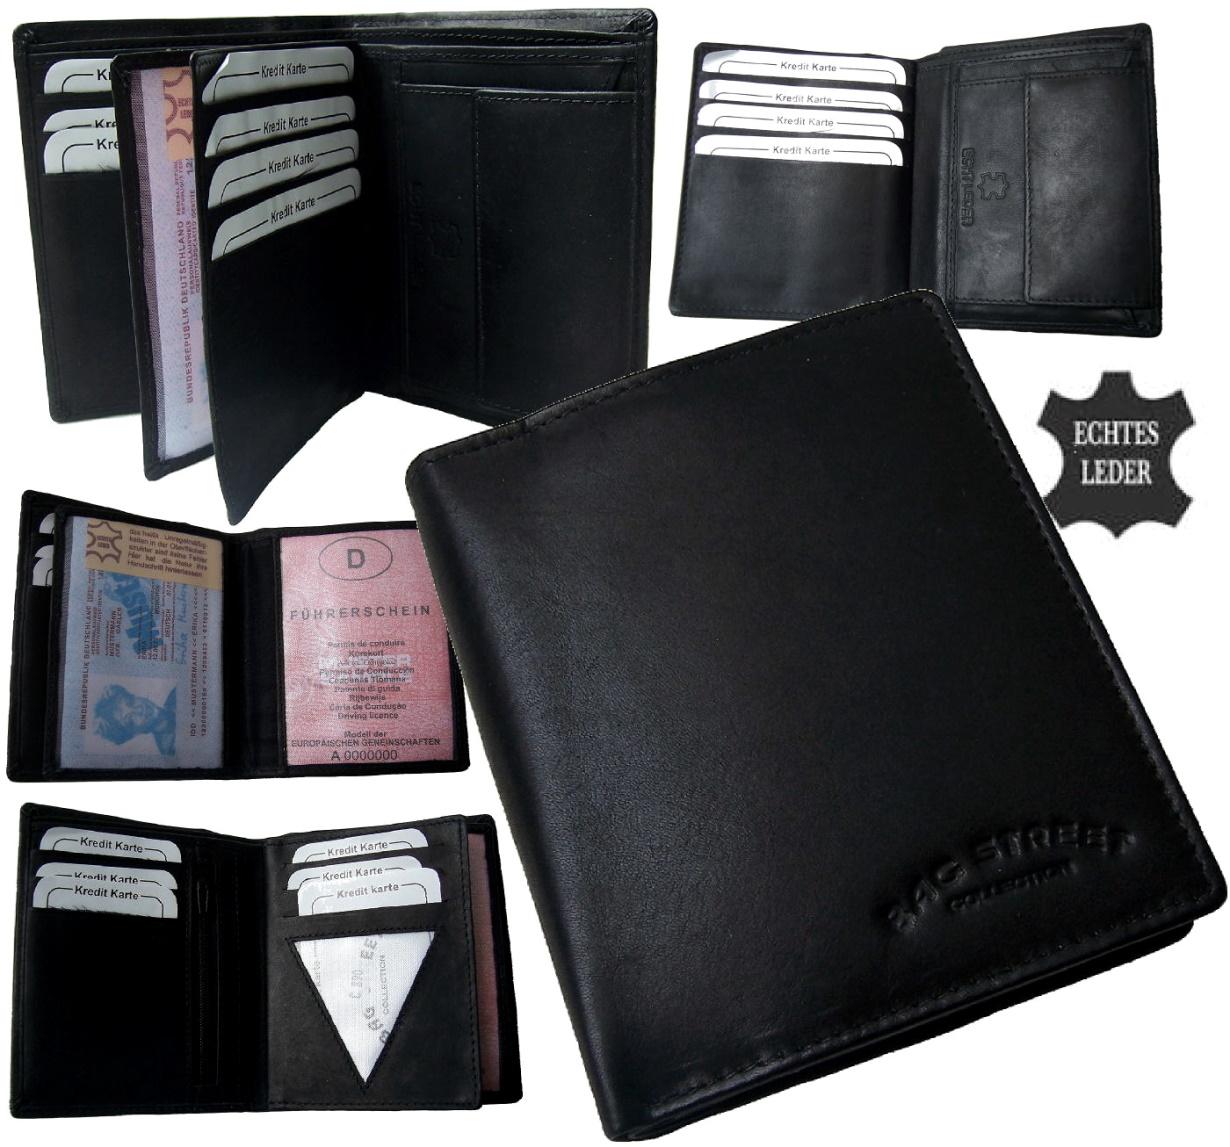 15b195f196f86e Po1633* Herren Portemonnaie schwarz echt Leder Geldbörse neu